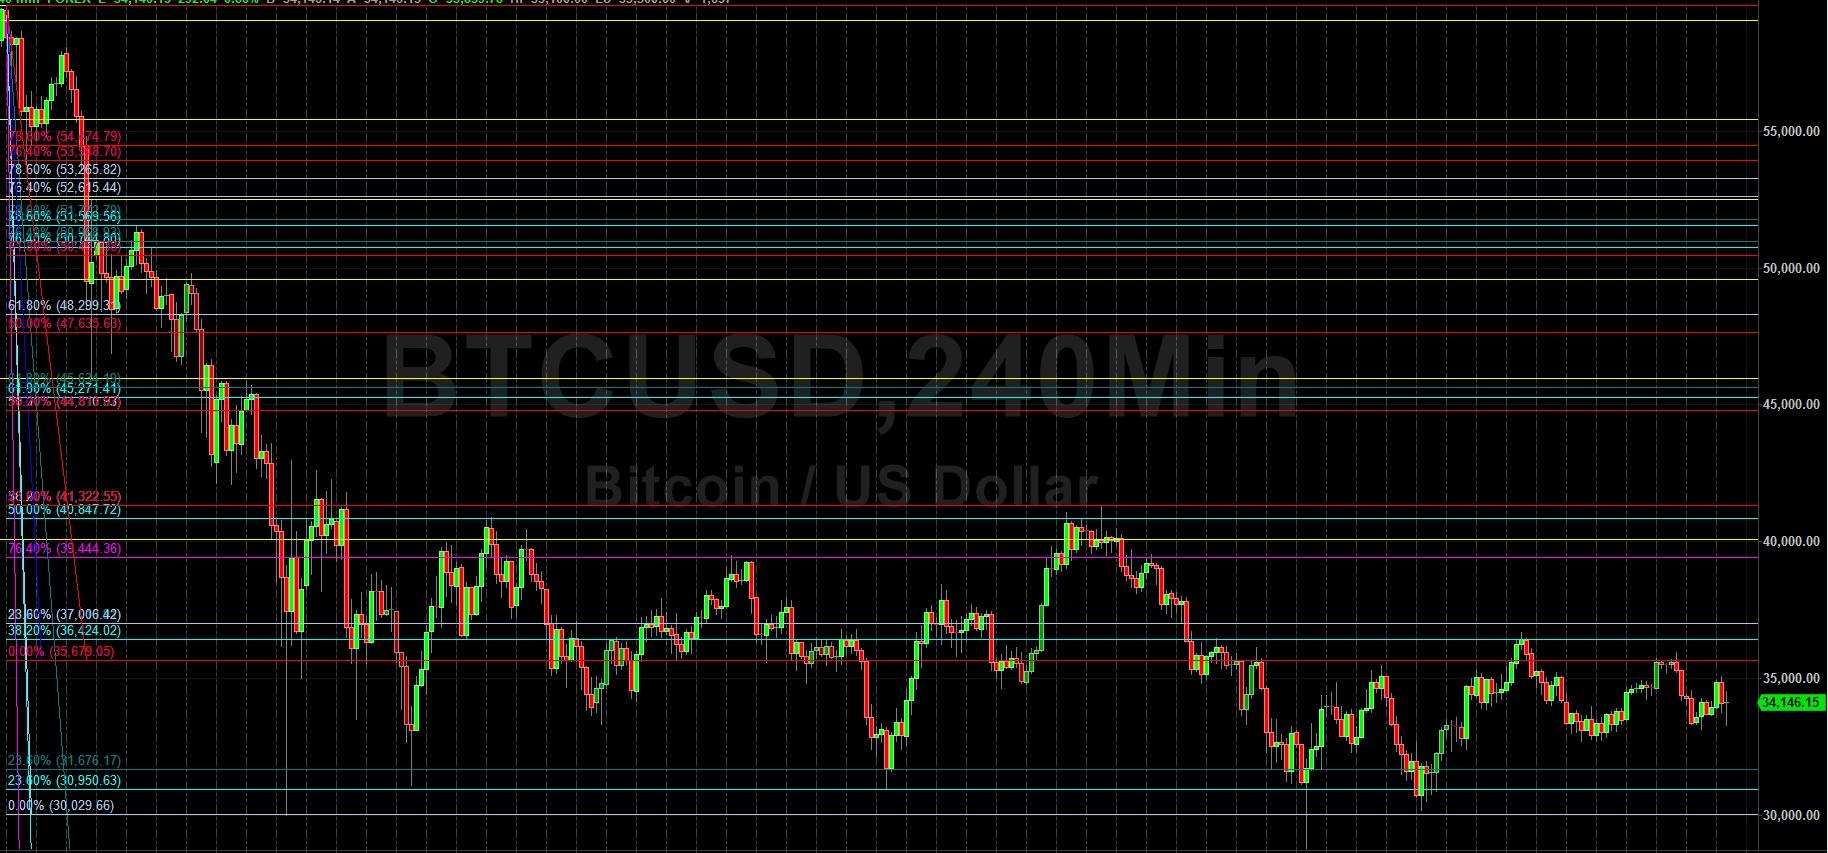 """BTC / USD """"Bulls"""" sutelkė dėmesį į 38444 lygį. Sally Ho techninė analizė 9 m. Liepos 2021 d., BTC"""